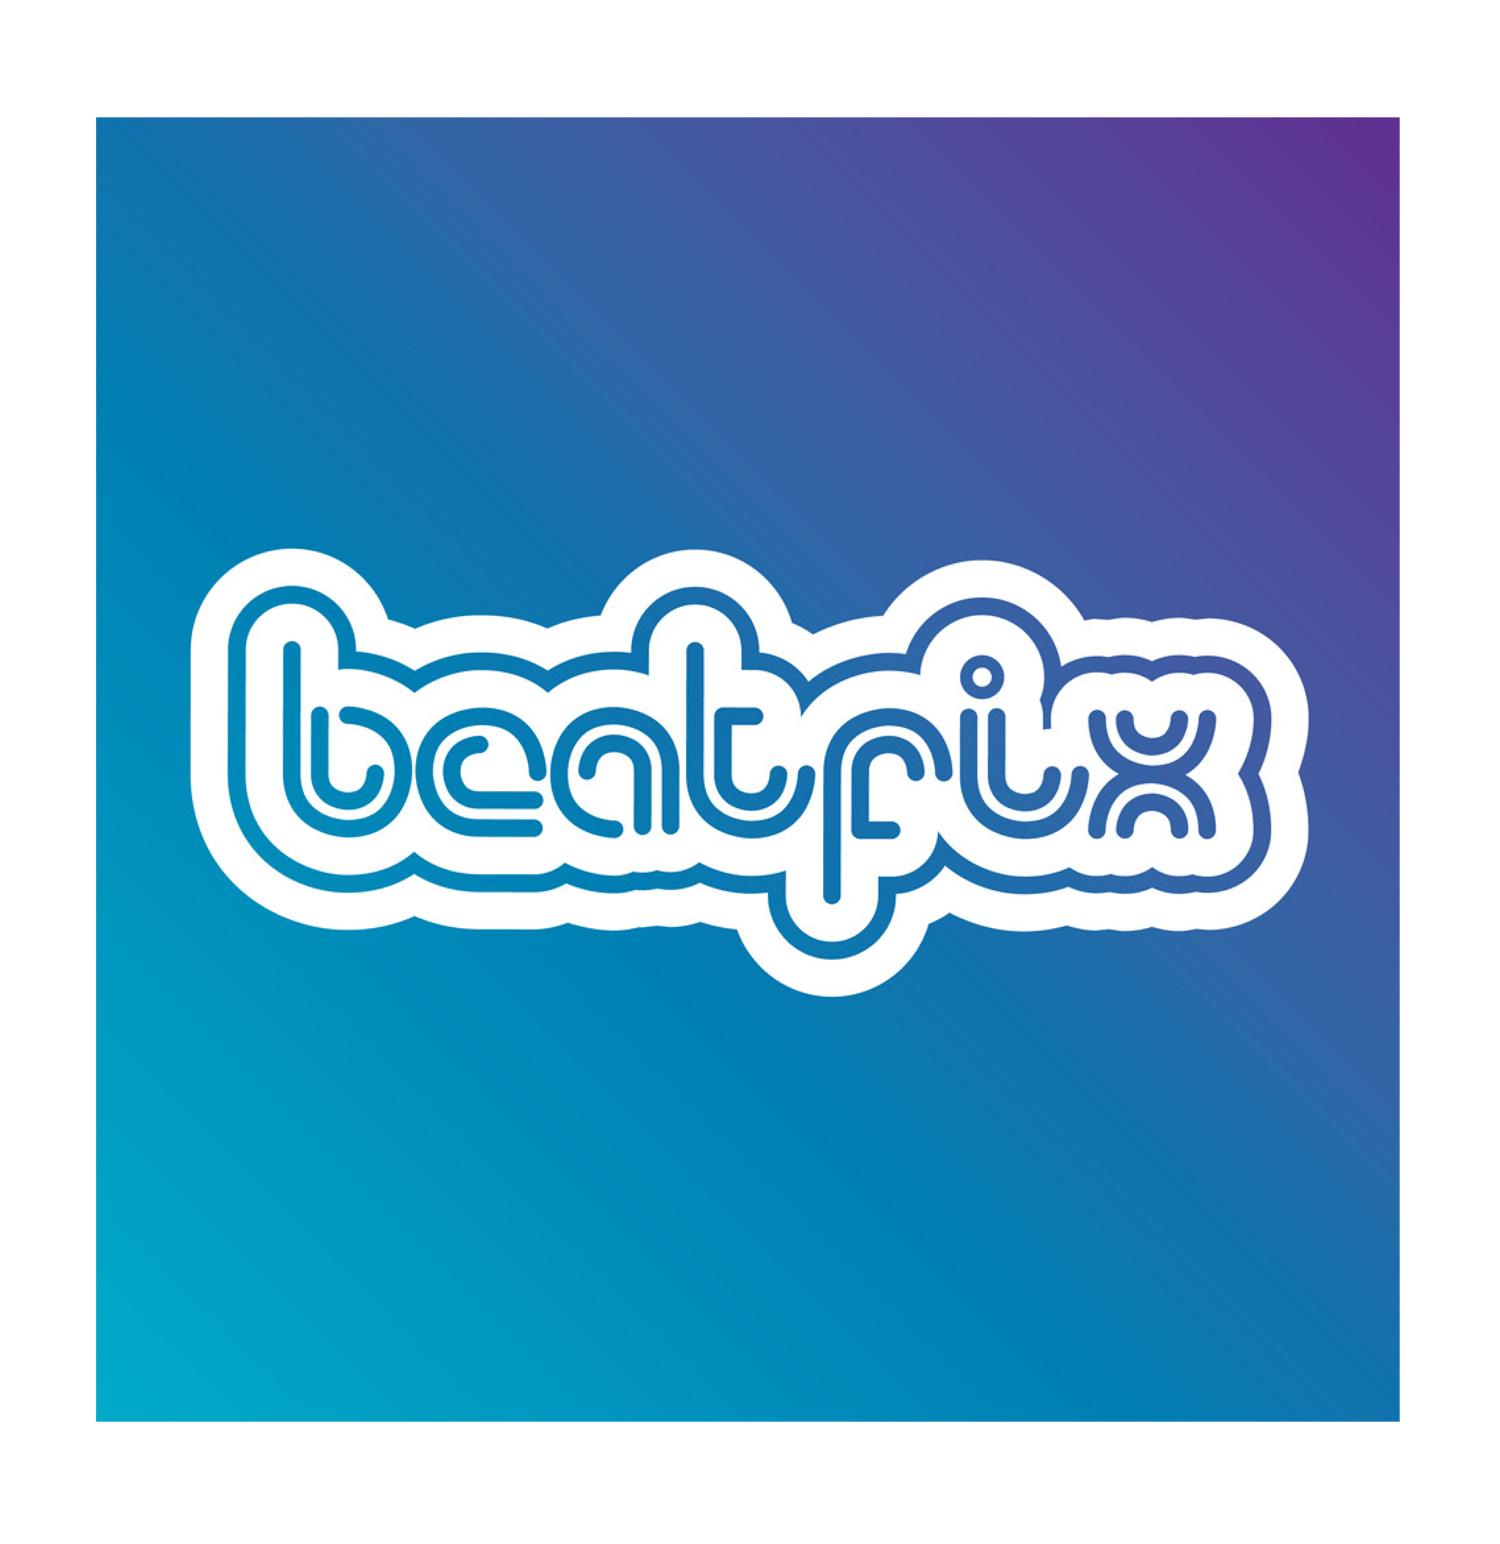 beatfix-logo.jpg